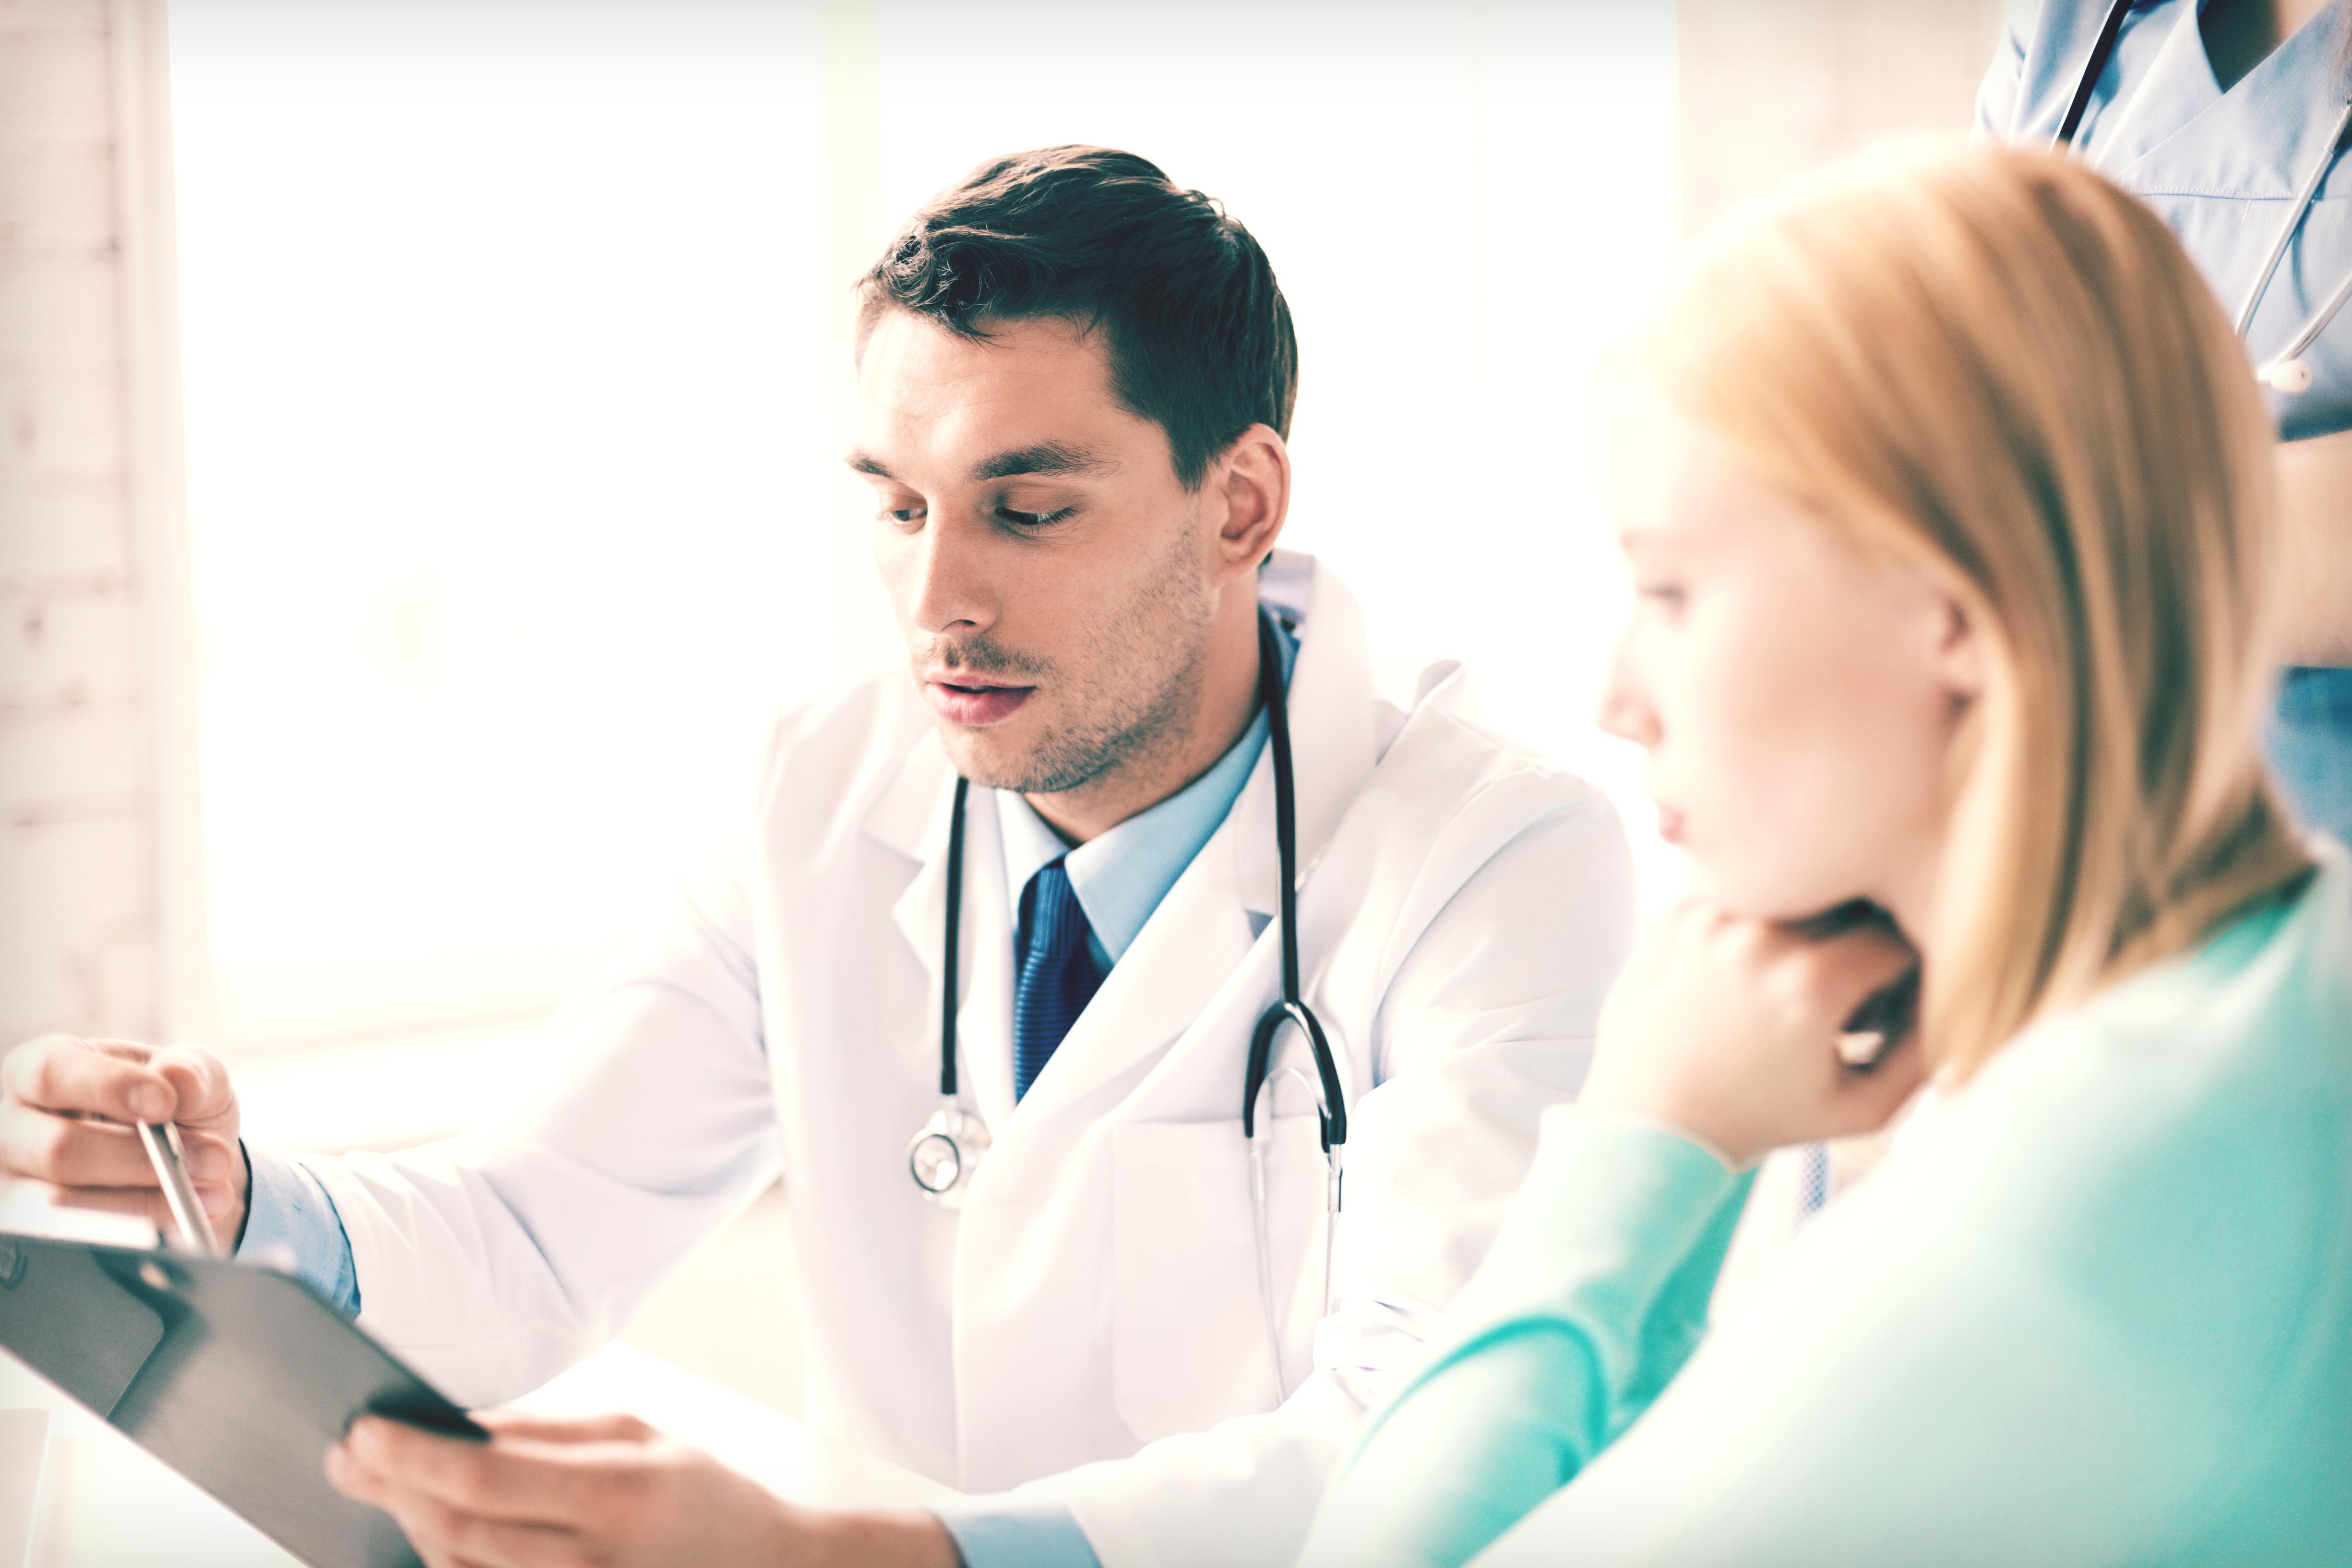 婦產科,醫院,醫生,孕婦,懷孕,問診,看醫生示意圖(圖/達志/示意圖)